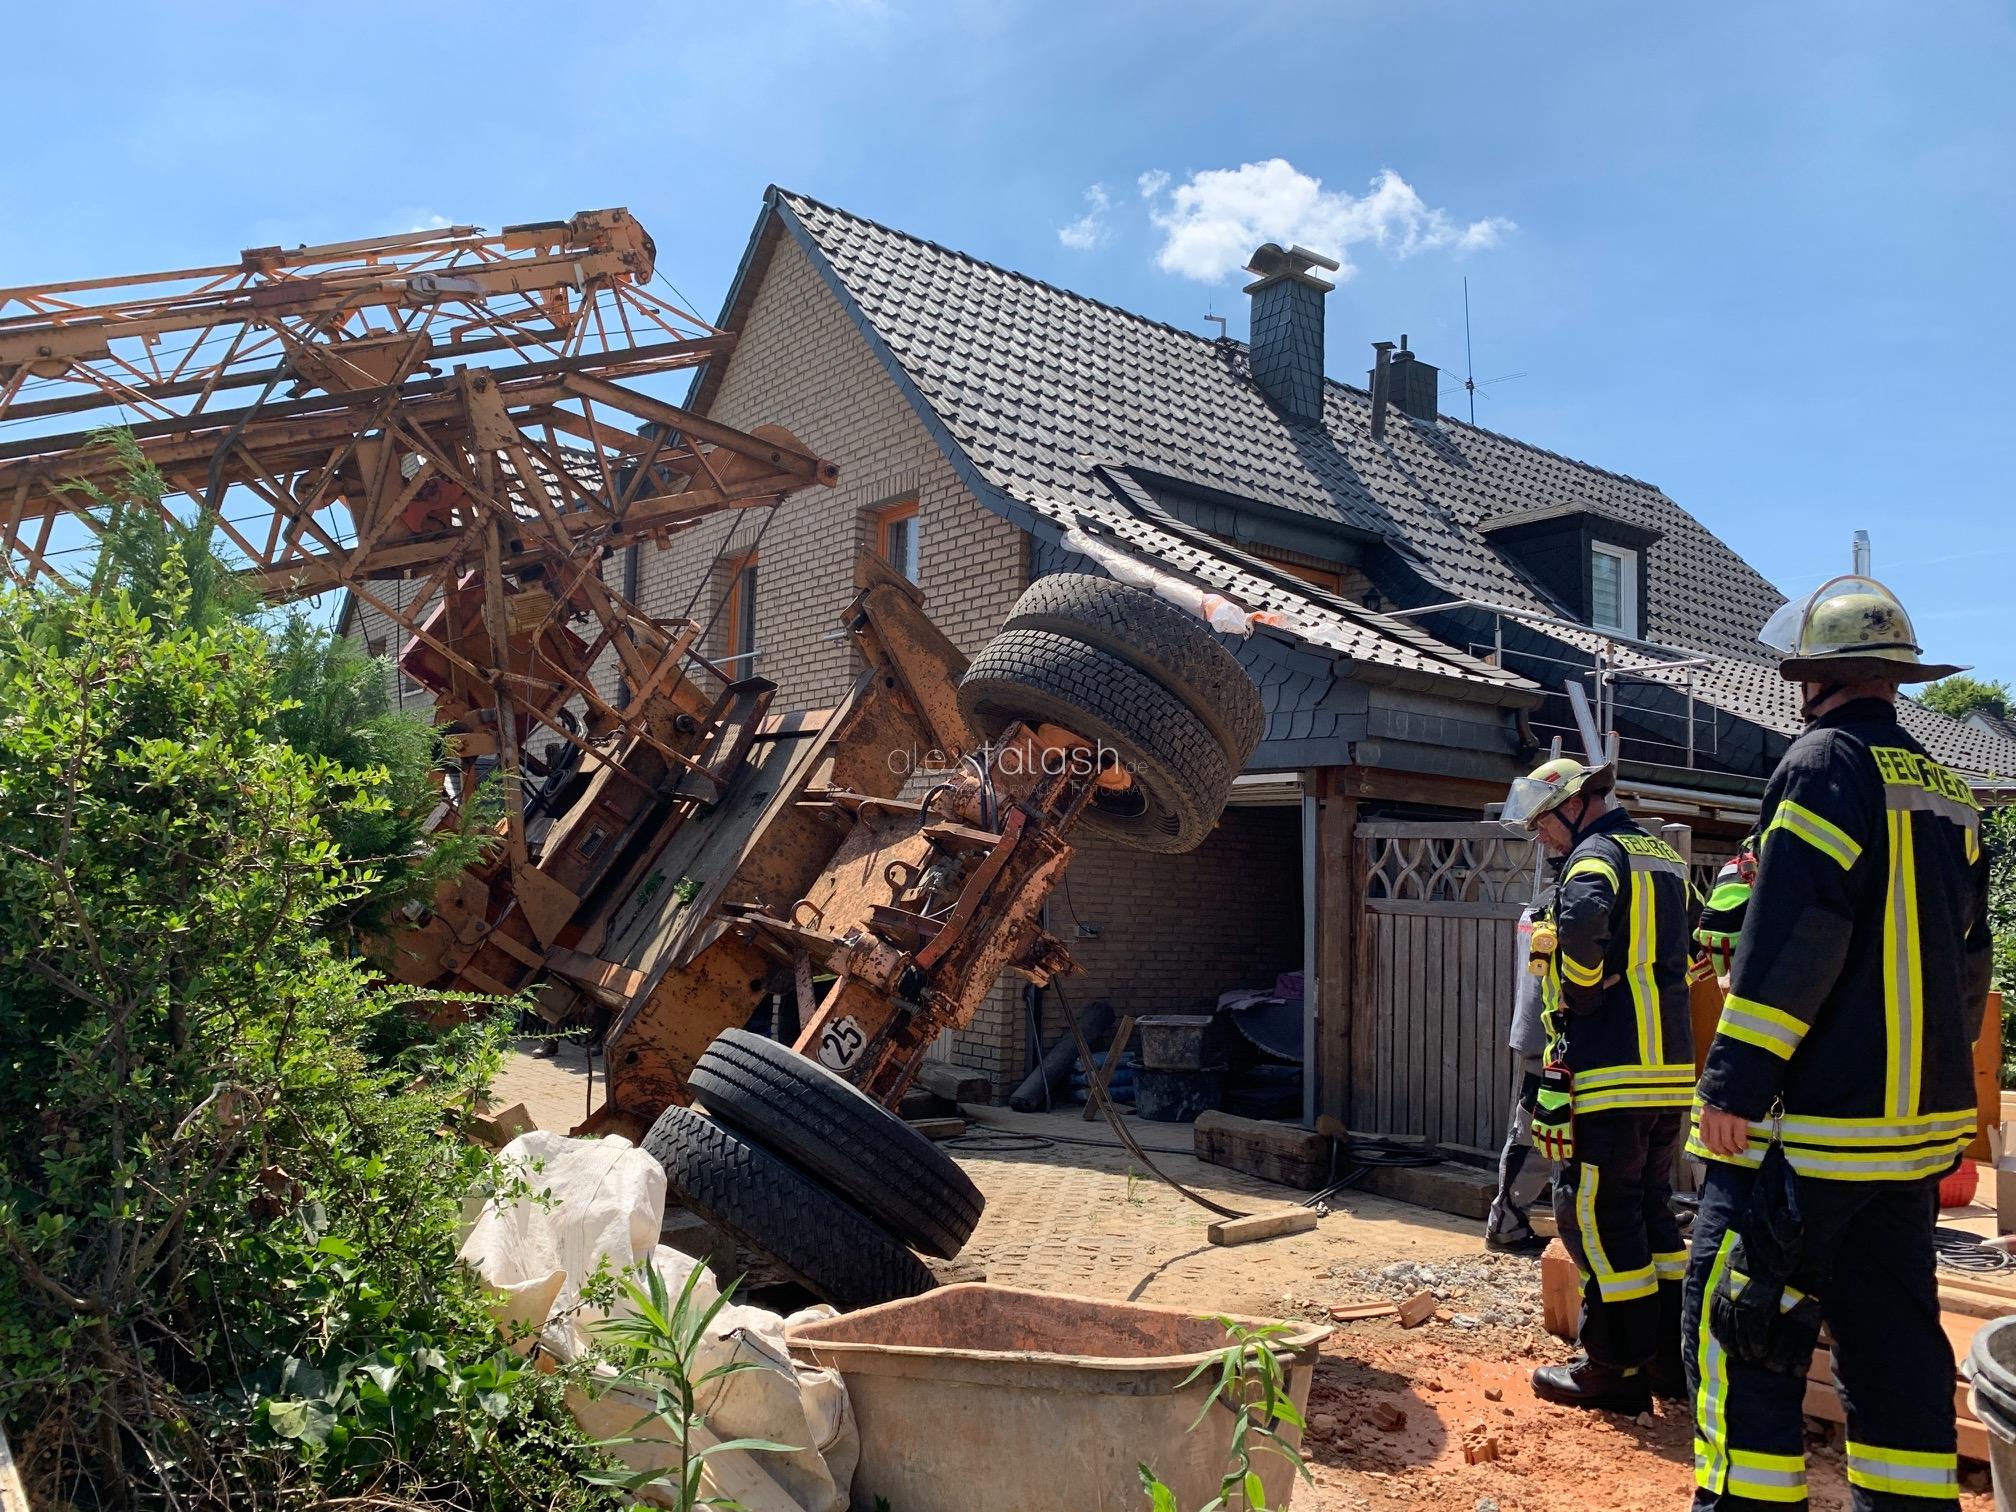 15 Meter hoher Baukran beim Abbau kippt in Hagener Vorgarten